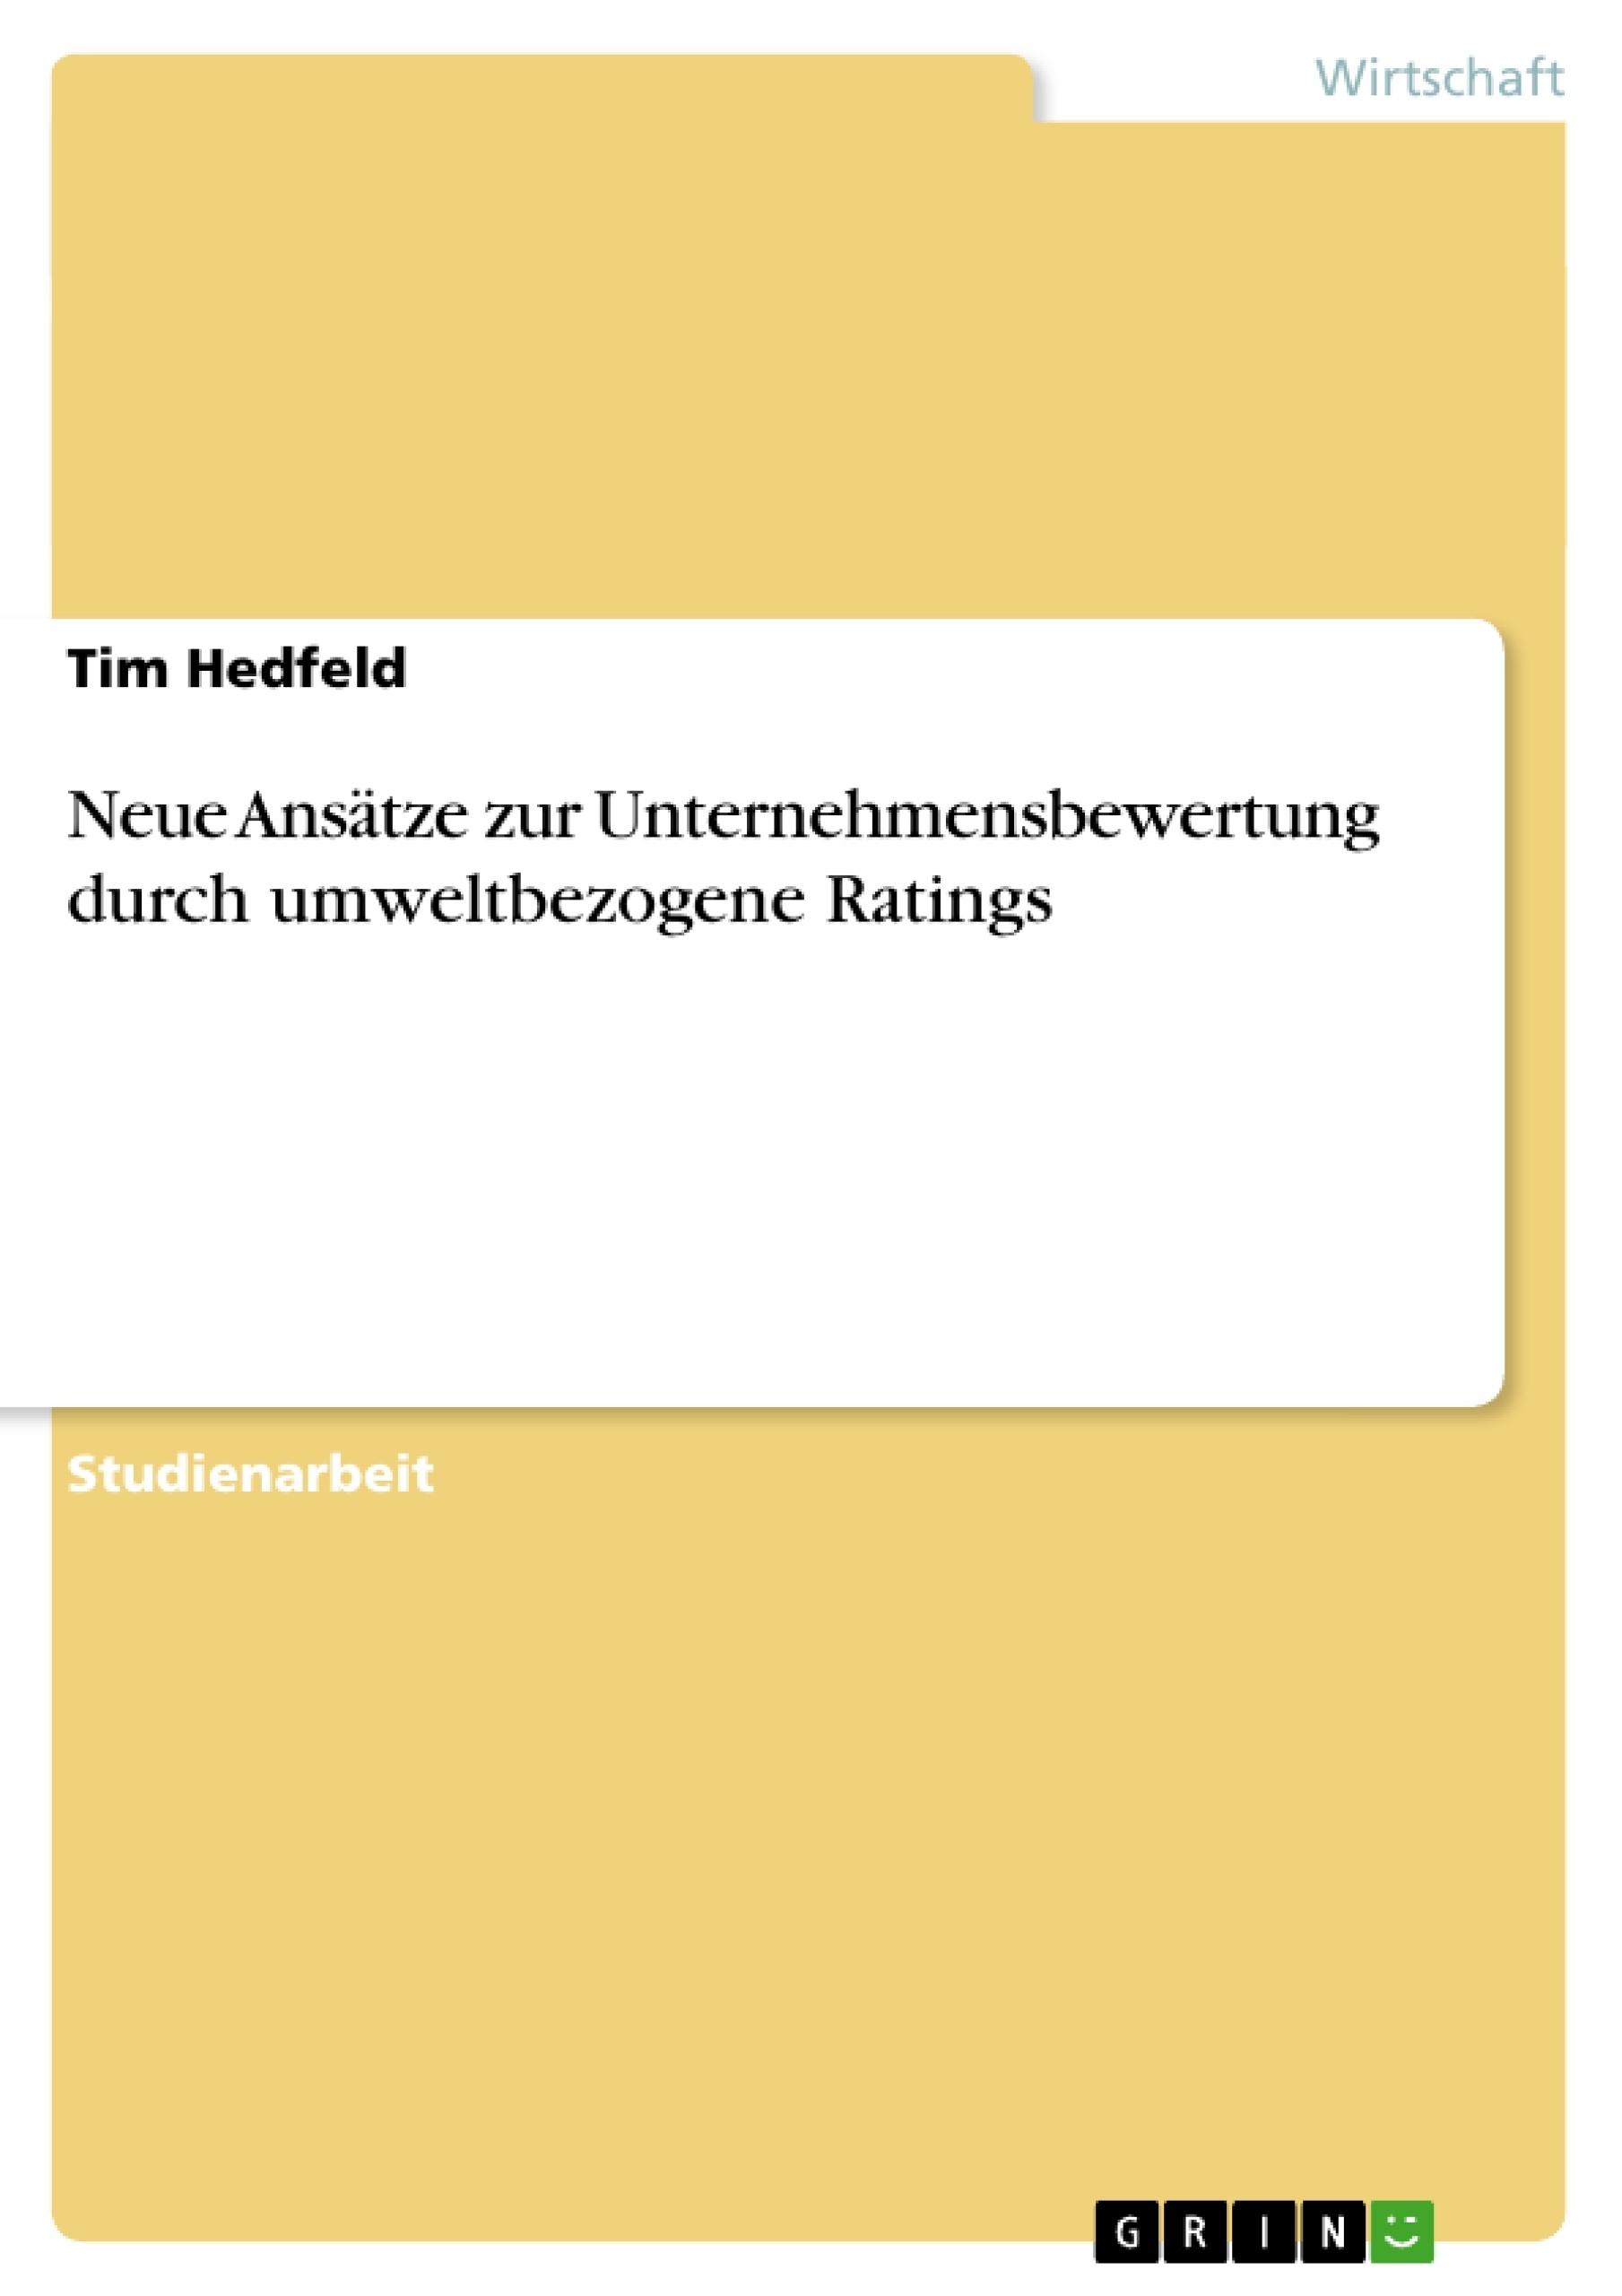 Titel: Neue Ansätze zur Unternehmensbewertung durch umweltbezogene Ratings